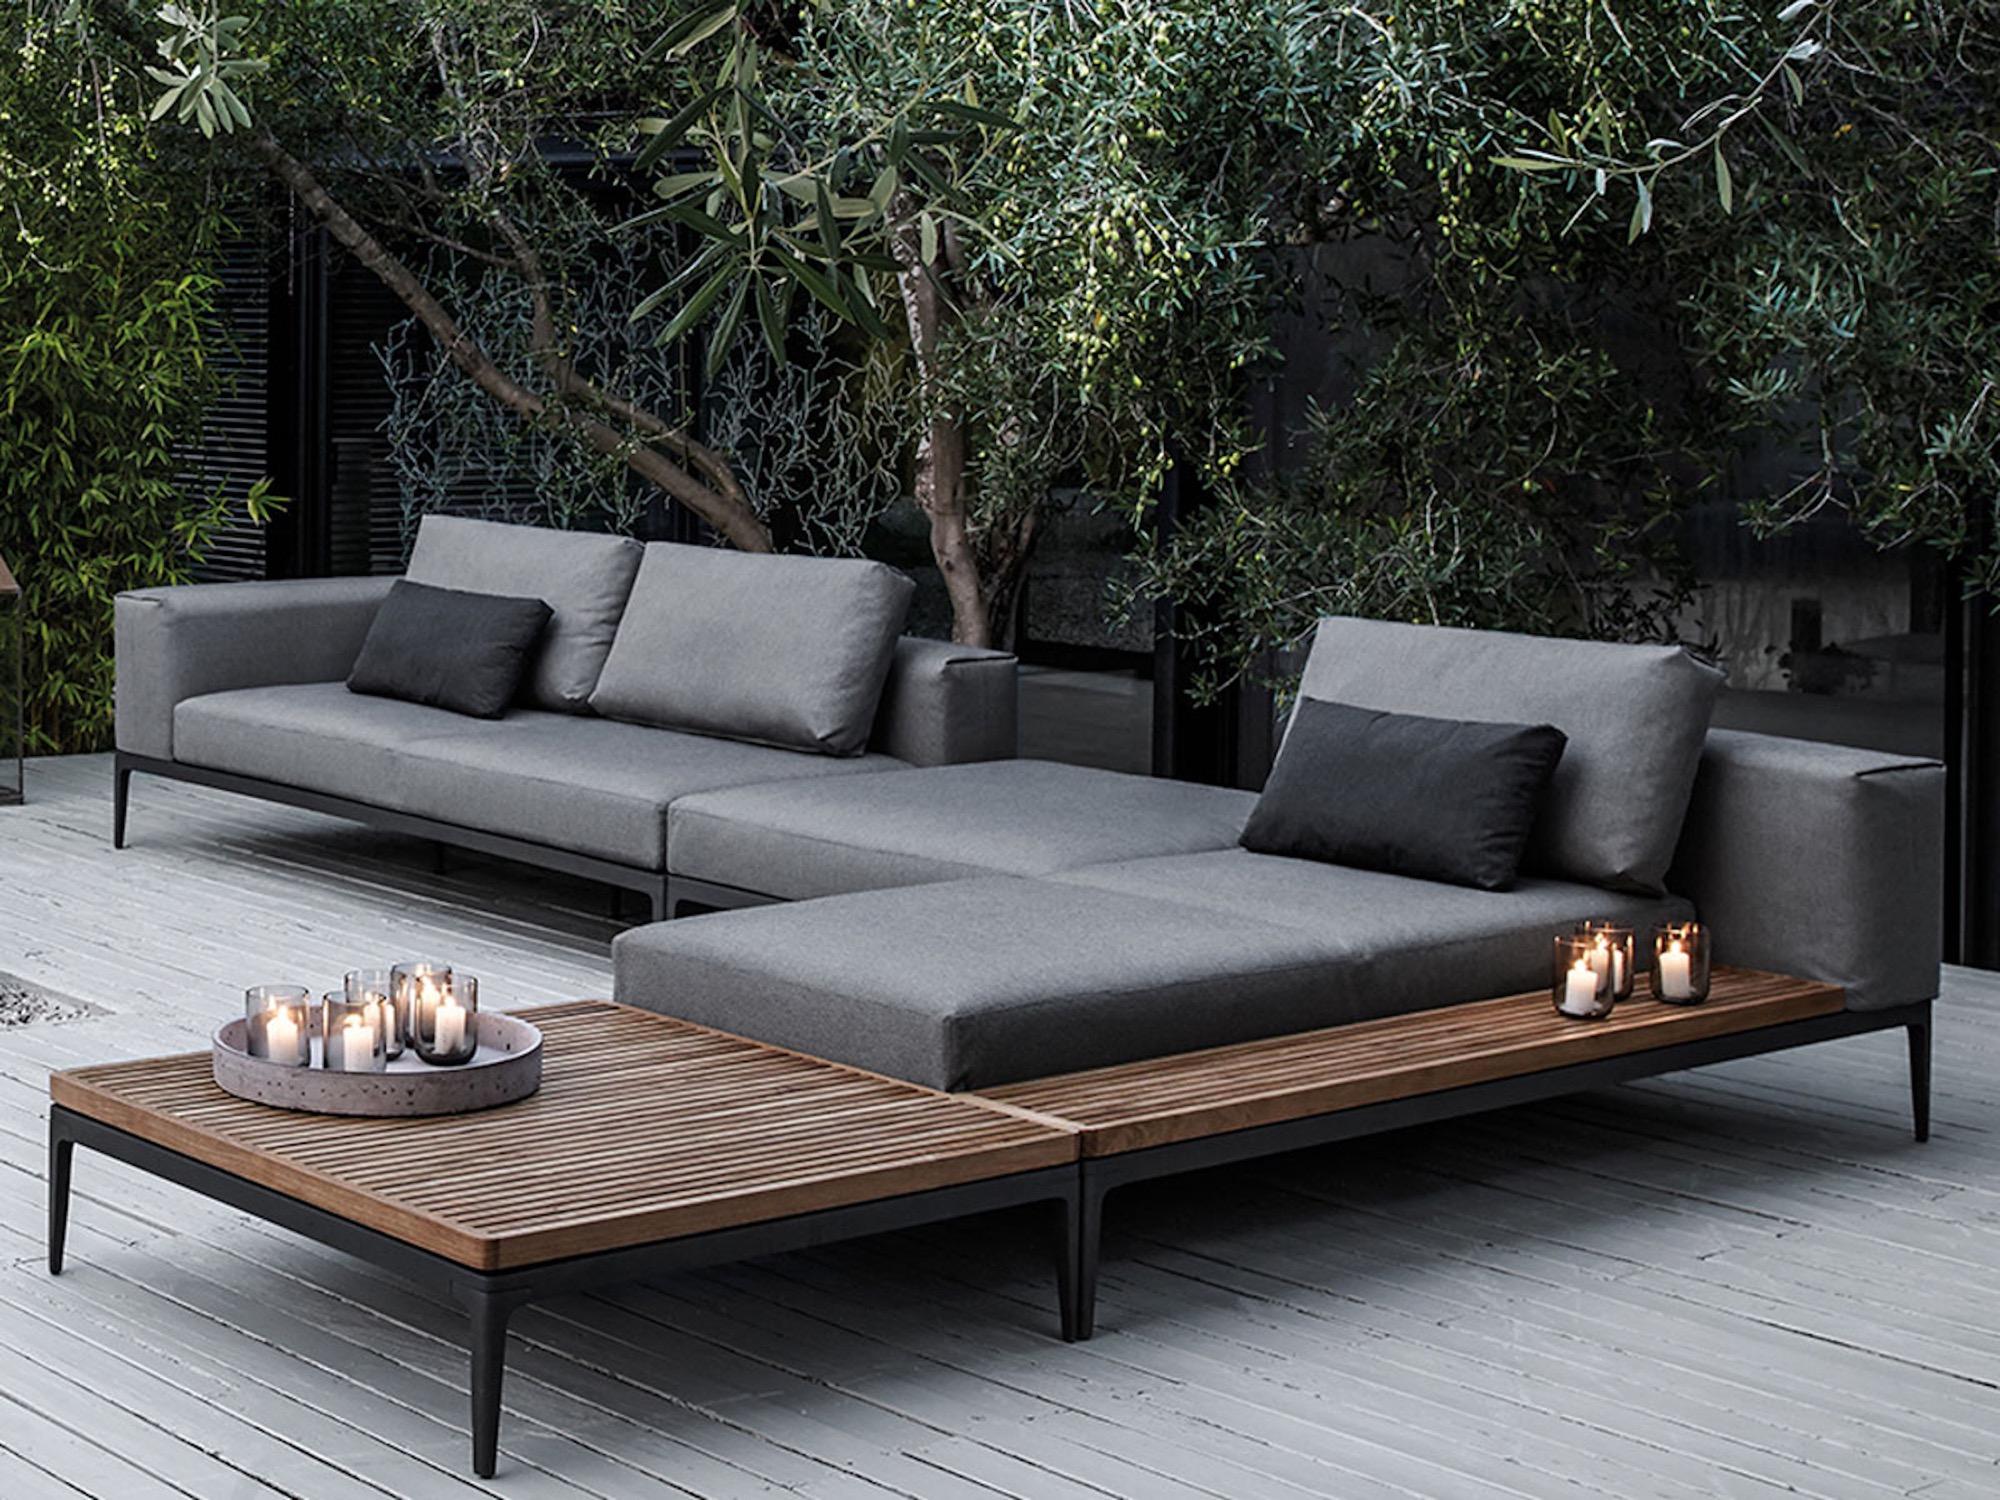 outdoor patio furniture boise u2022 patio ideas rh mikecounsilplumbing com outdoor patio furniture boise patio furniture boise sale